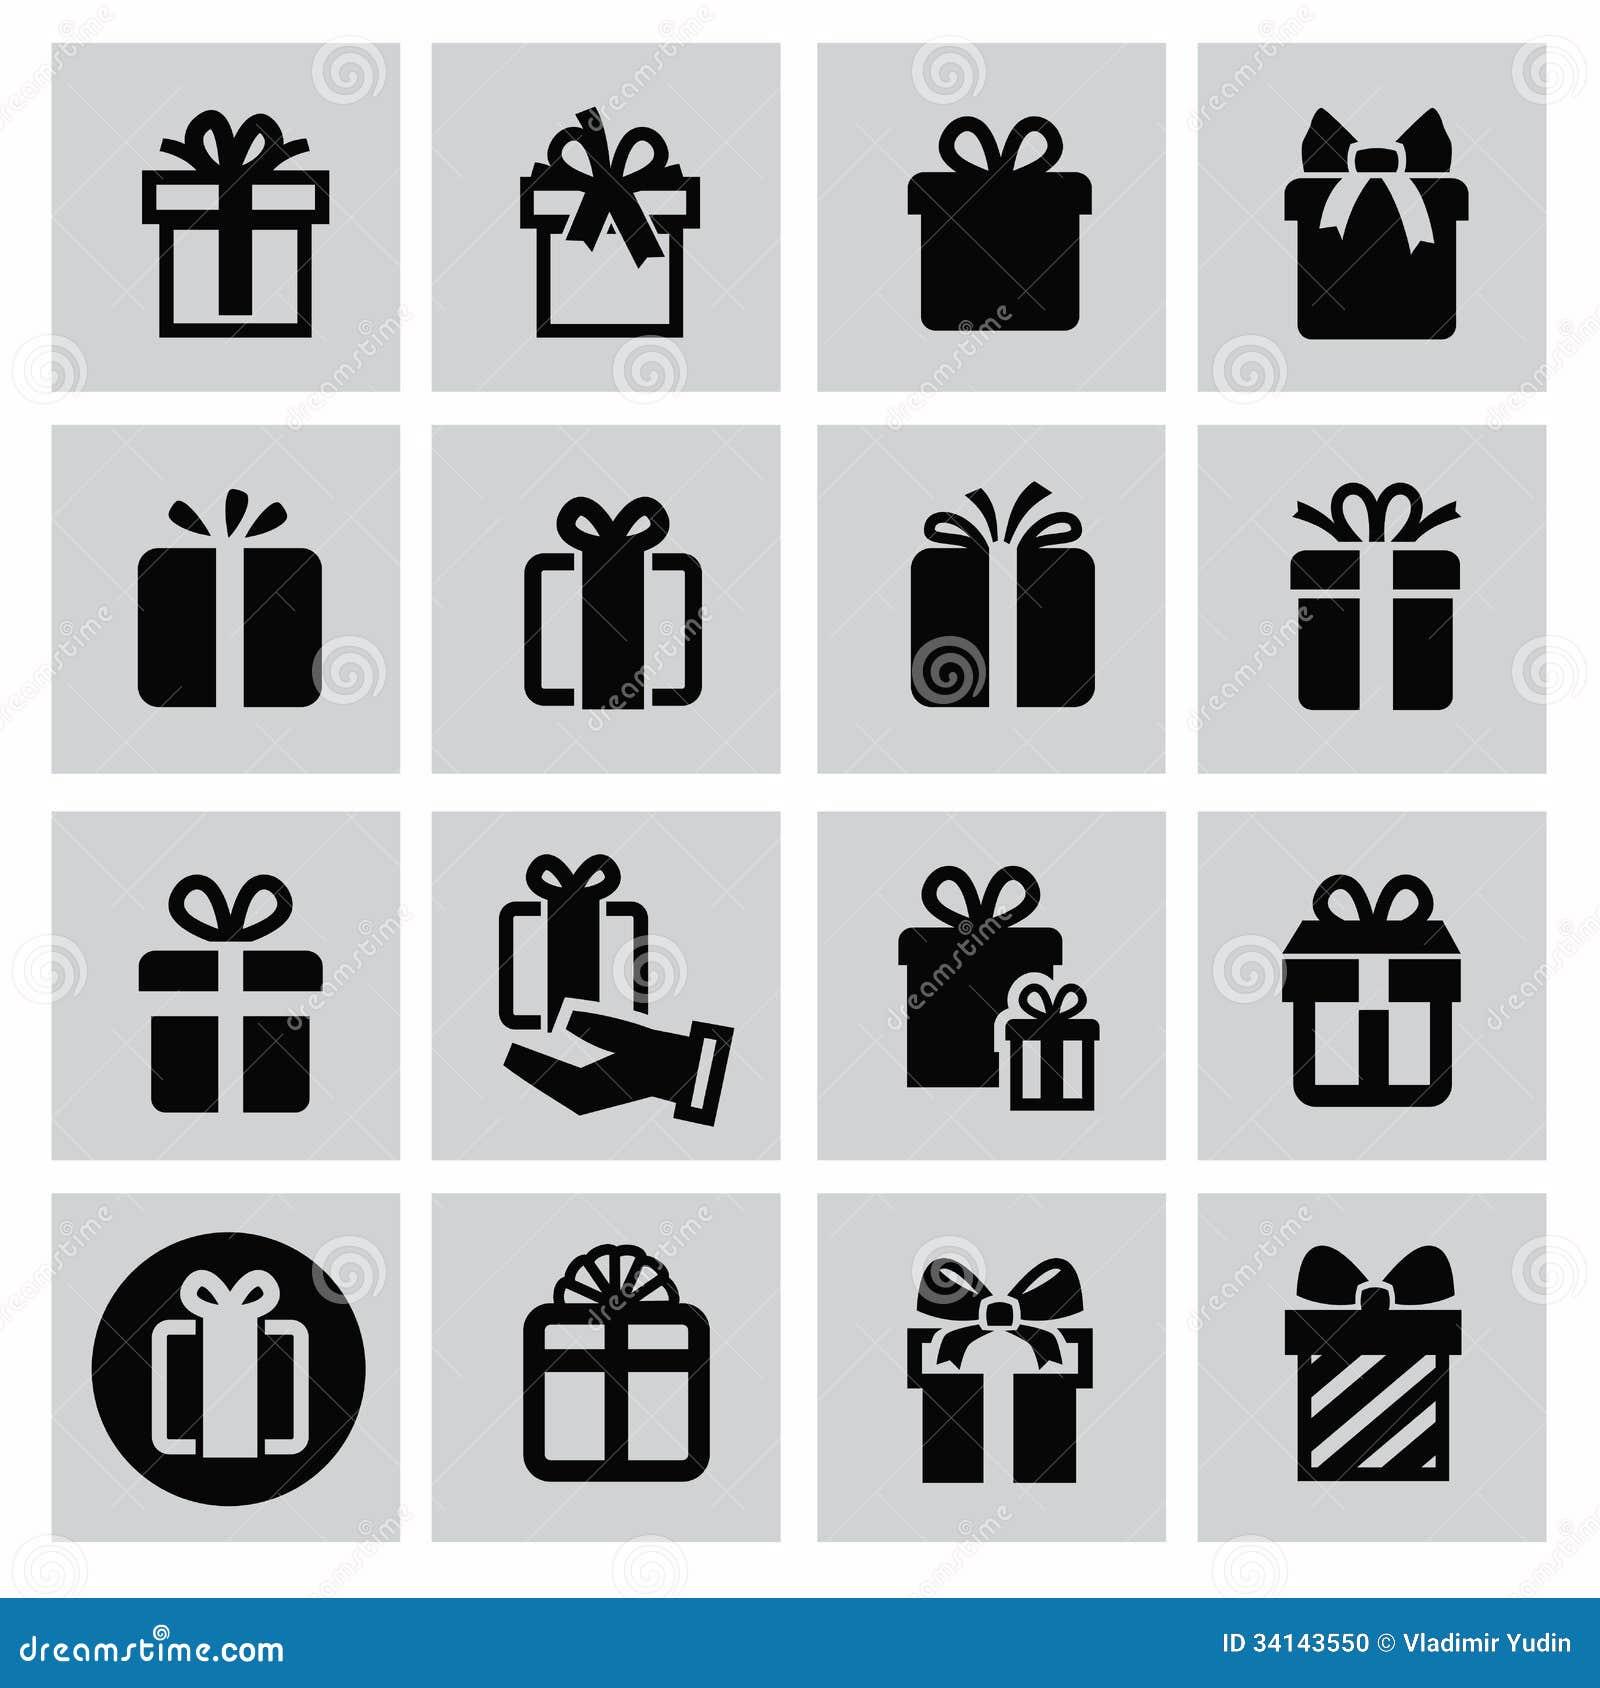 Значок подарка вектора черный ...: ru.dreamstime.com/стоковое-фото-значки-по...